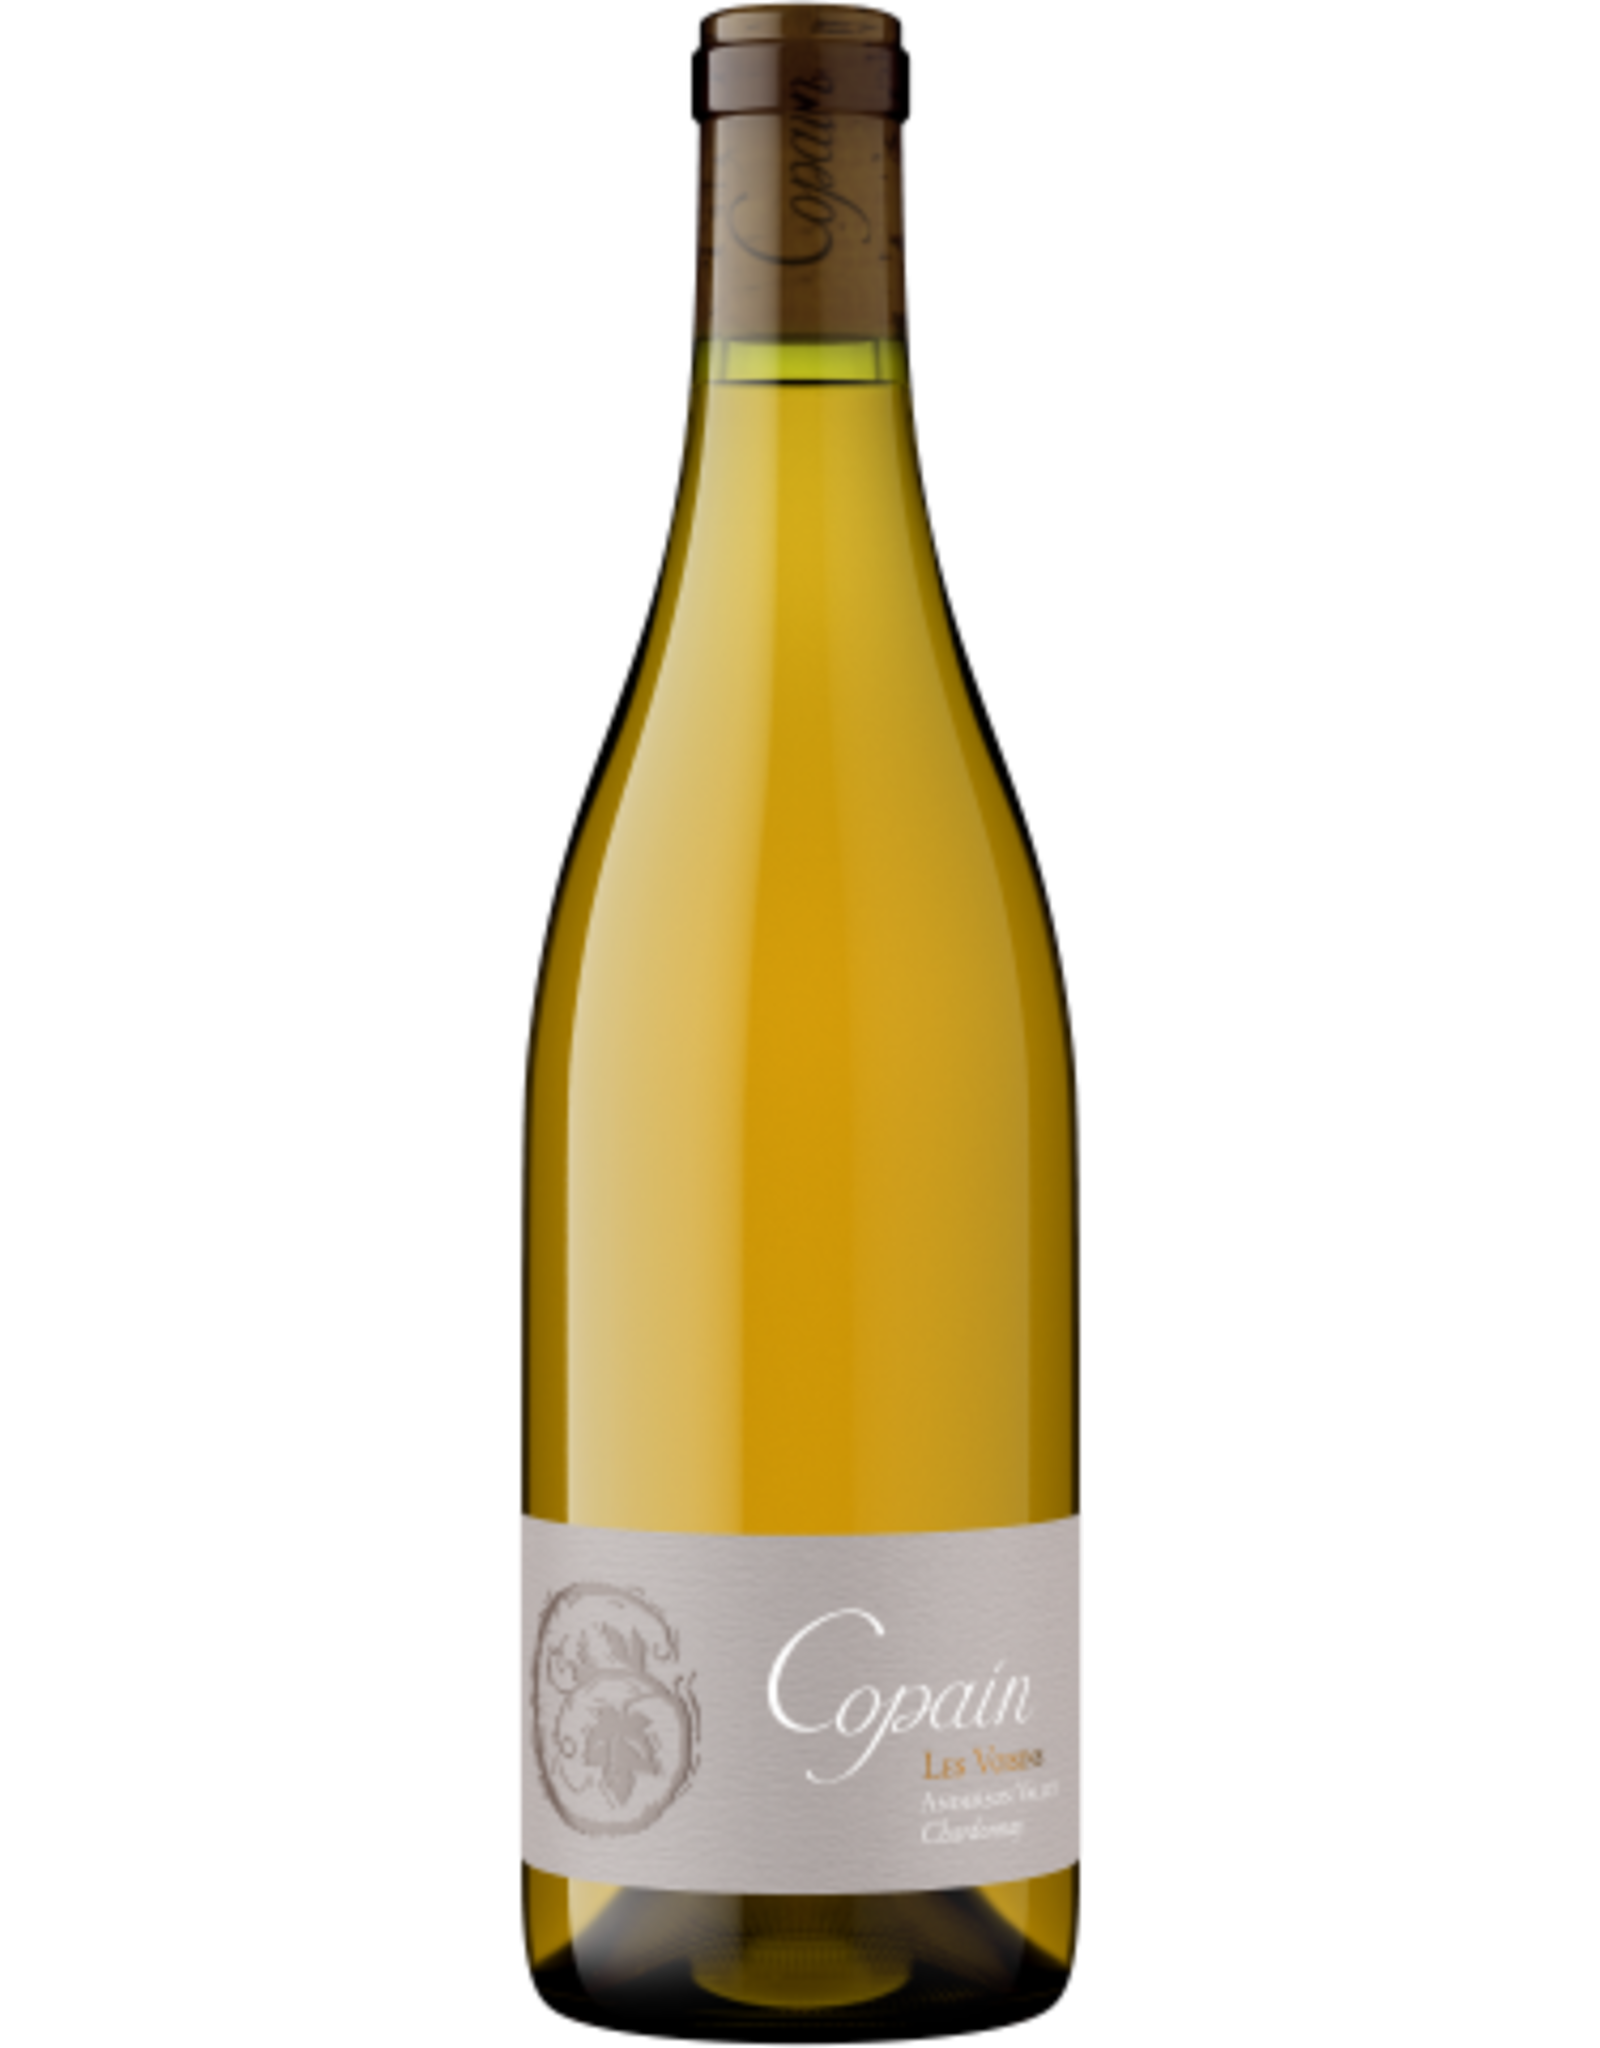 """Copain """"Les Voisins"""" Chardonnay"""